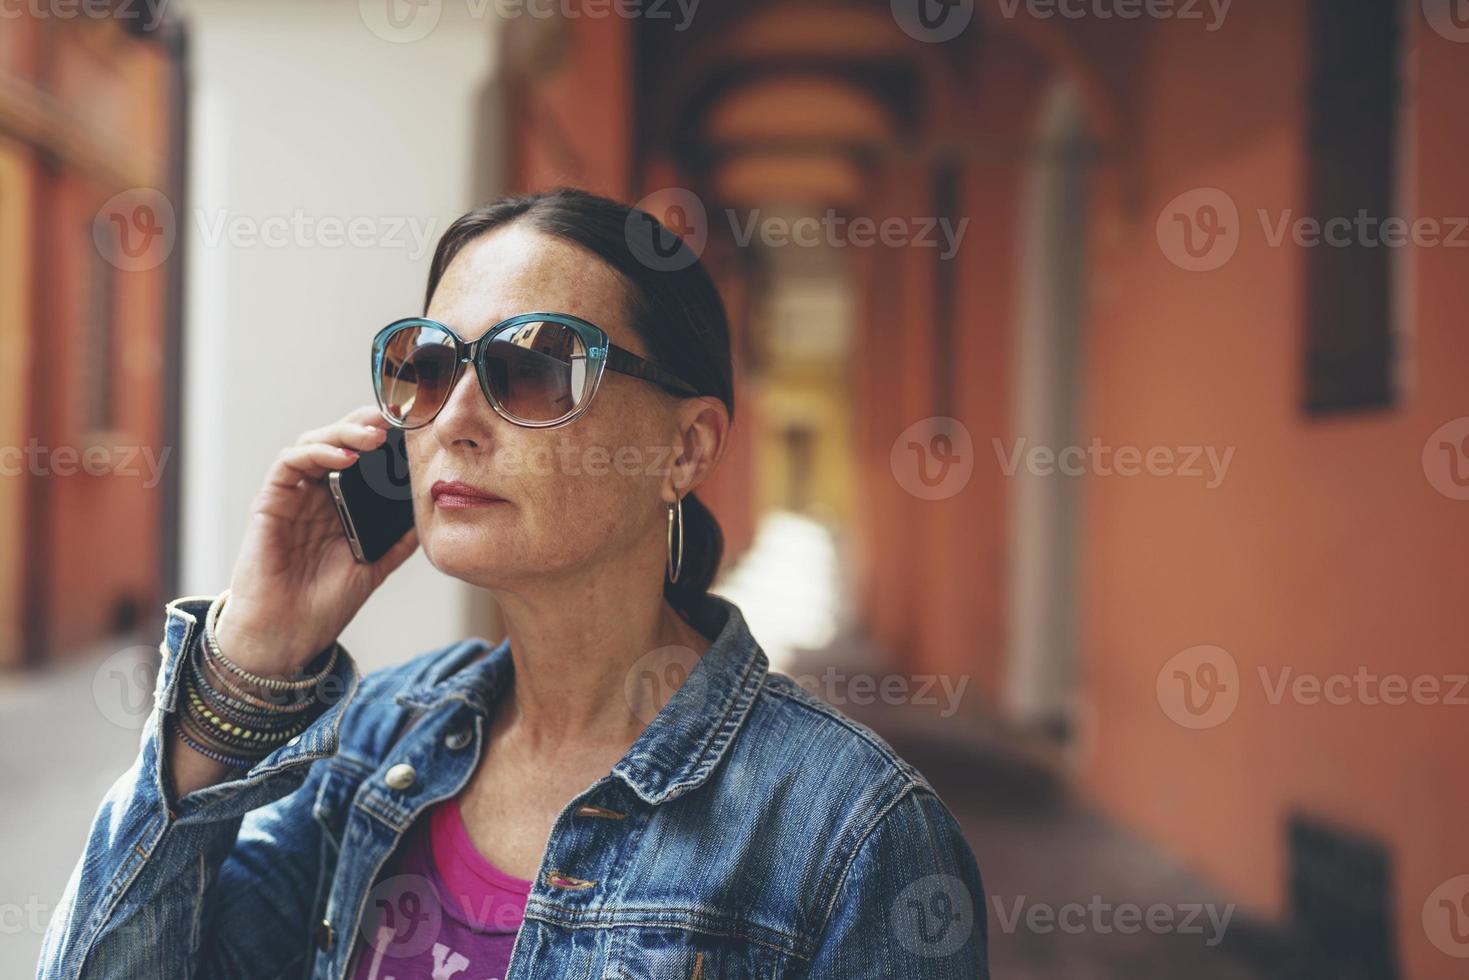 chiamando la donna con gli occhiali da sole nelle strade di bologna, italia. foto